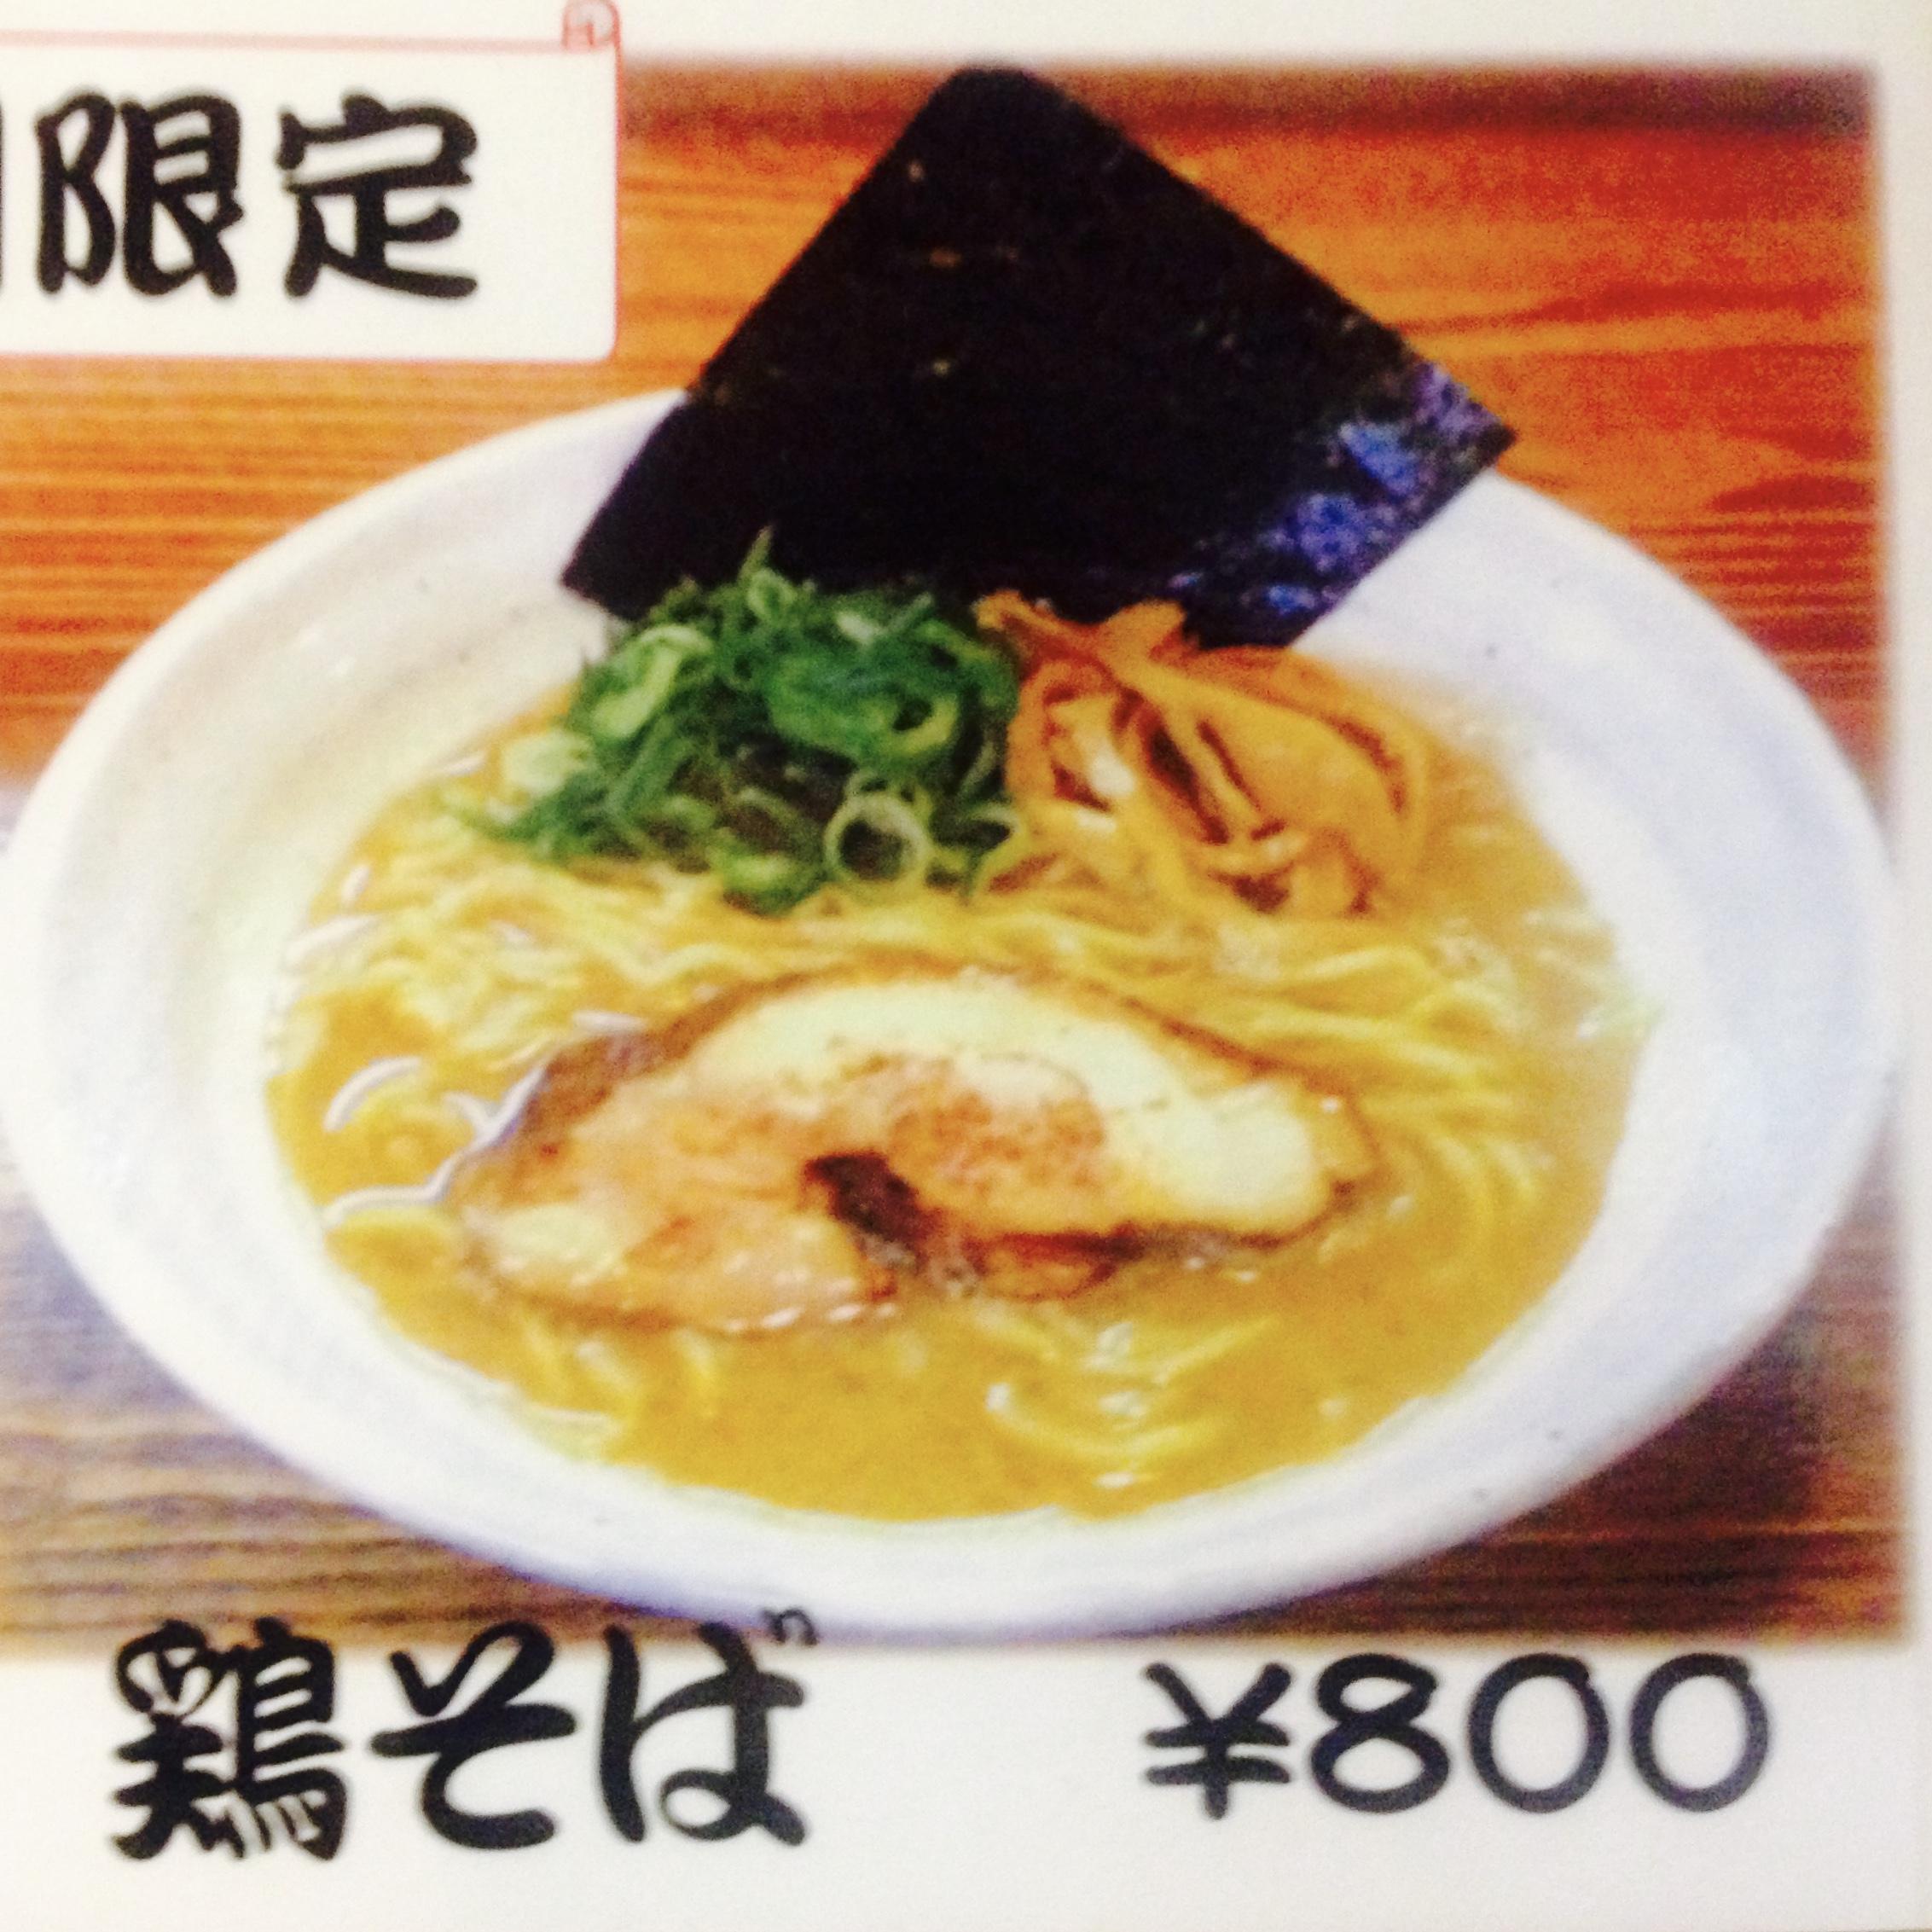 鶏そば800円